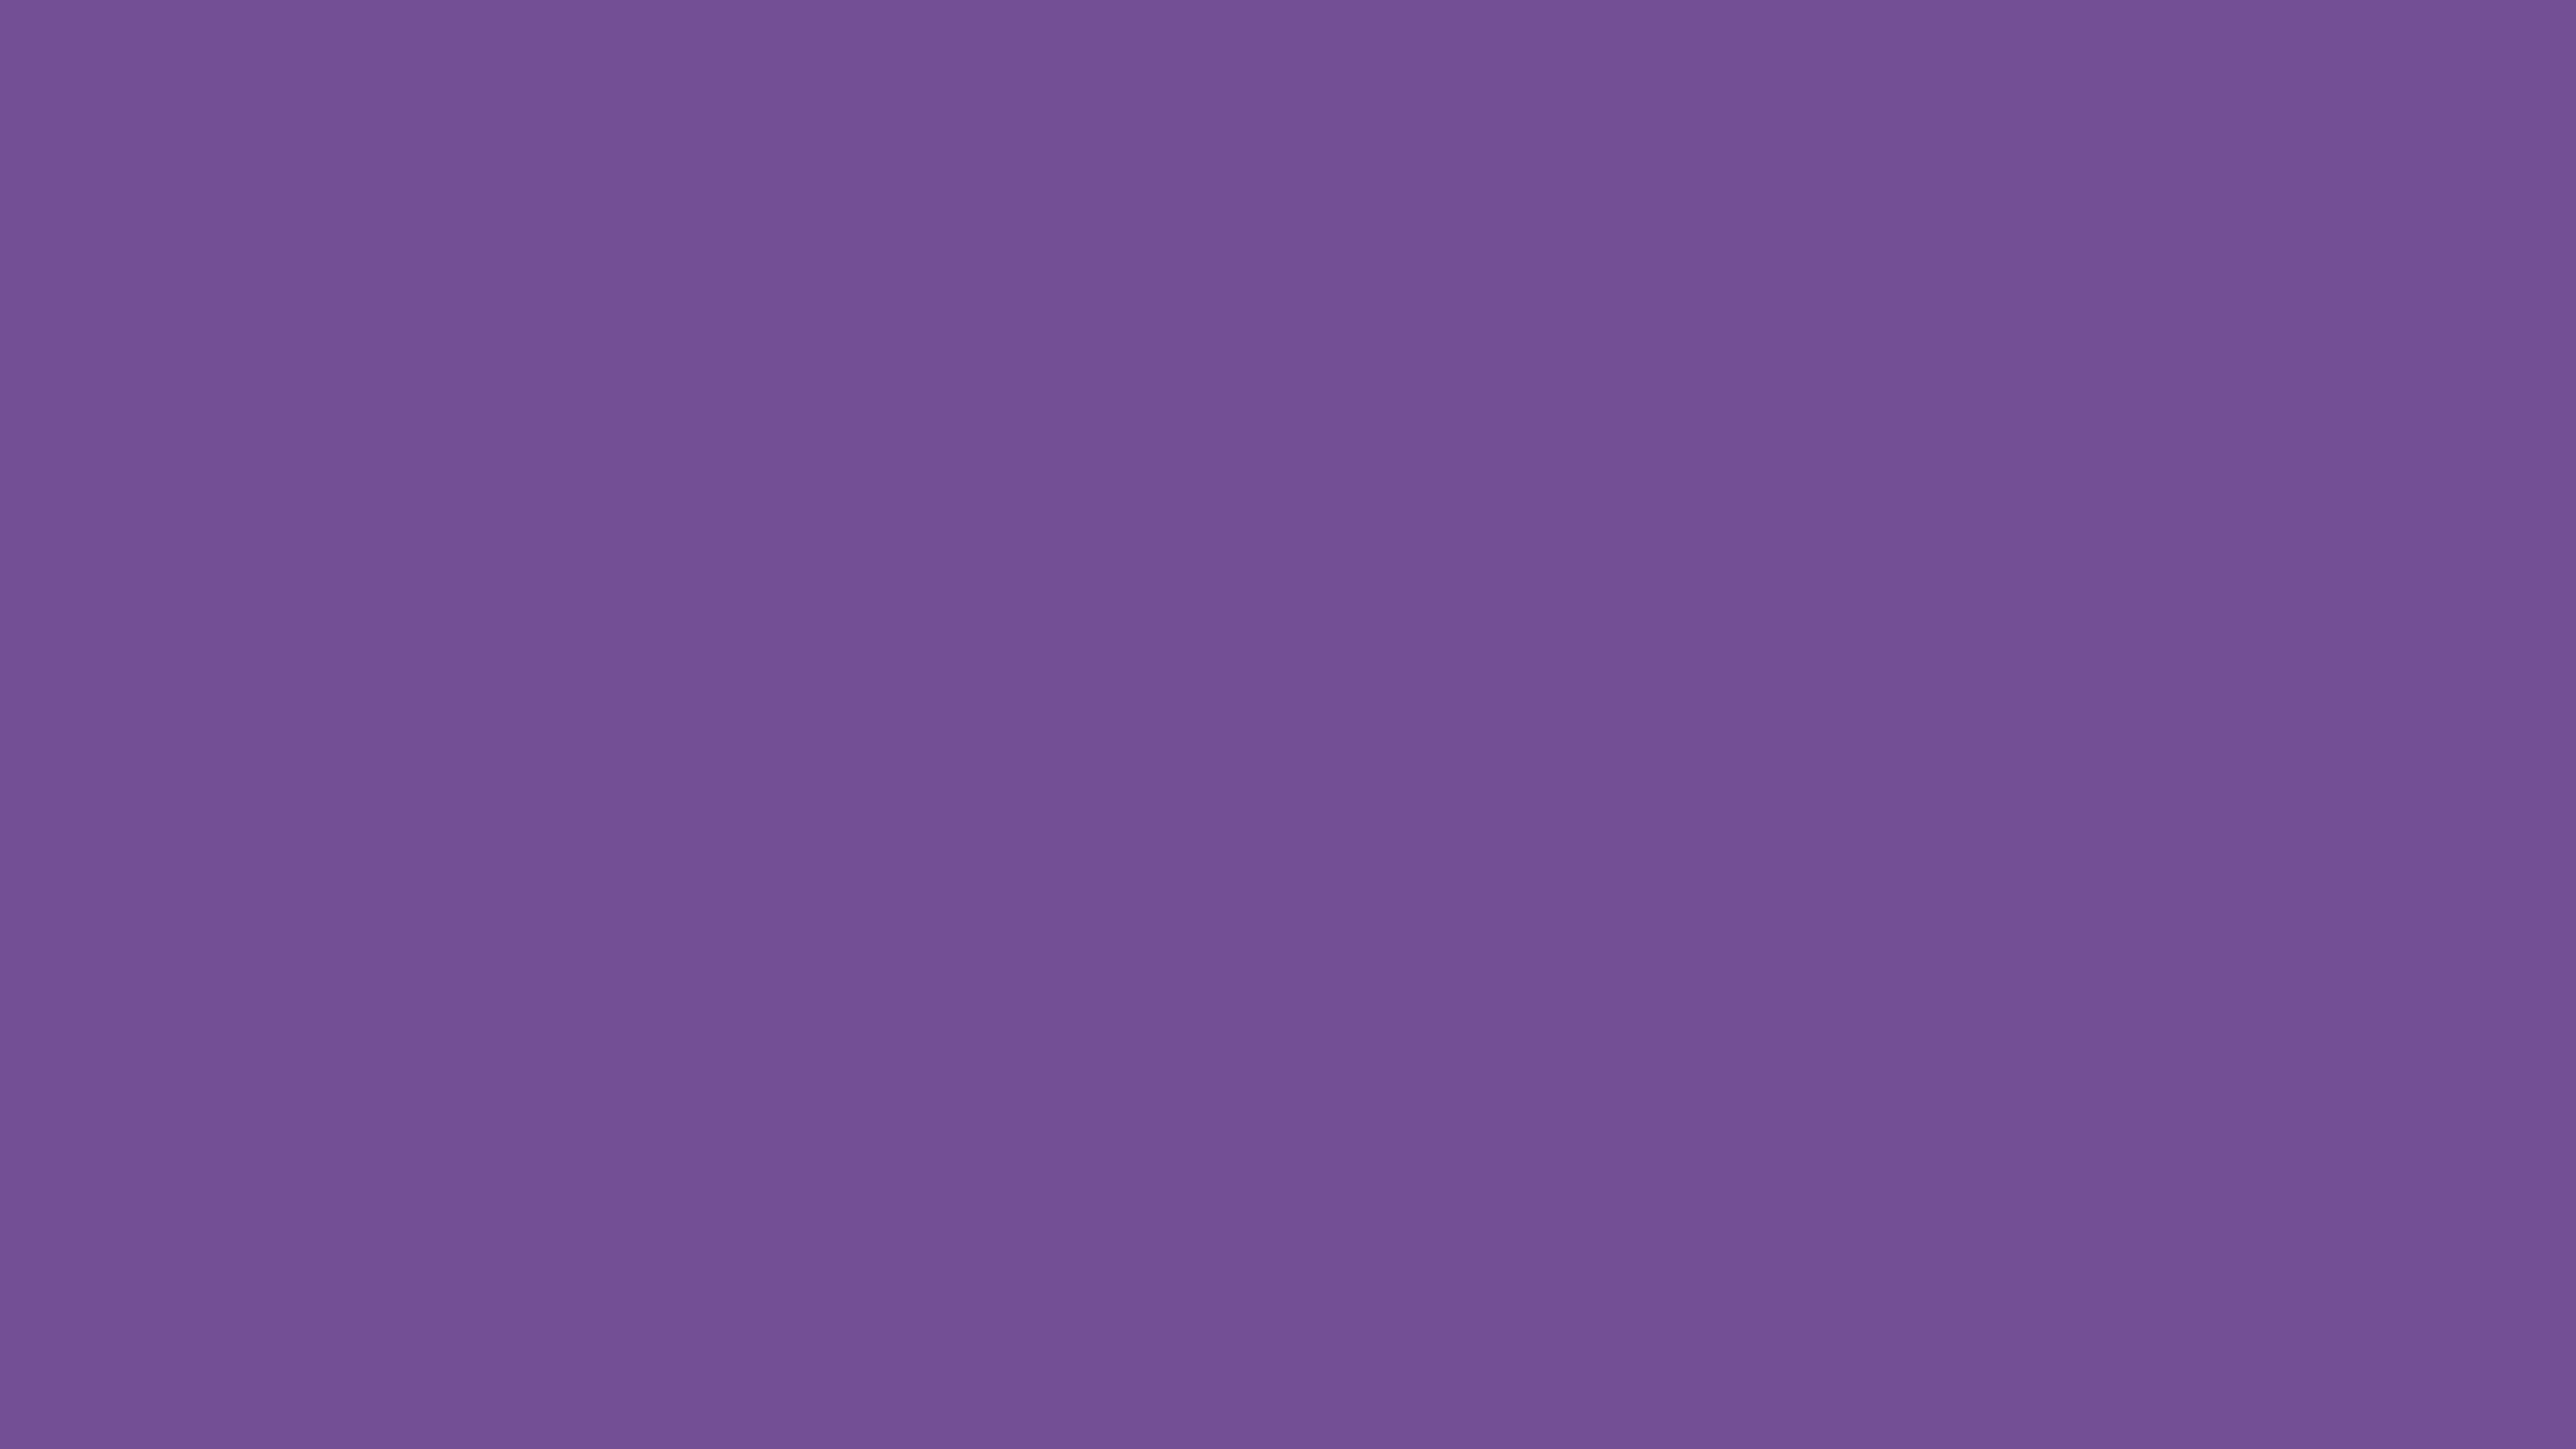 7680x4320 Dark Lavender Solid Color Background